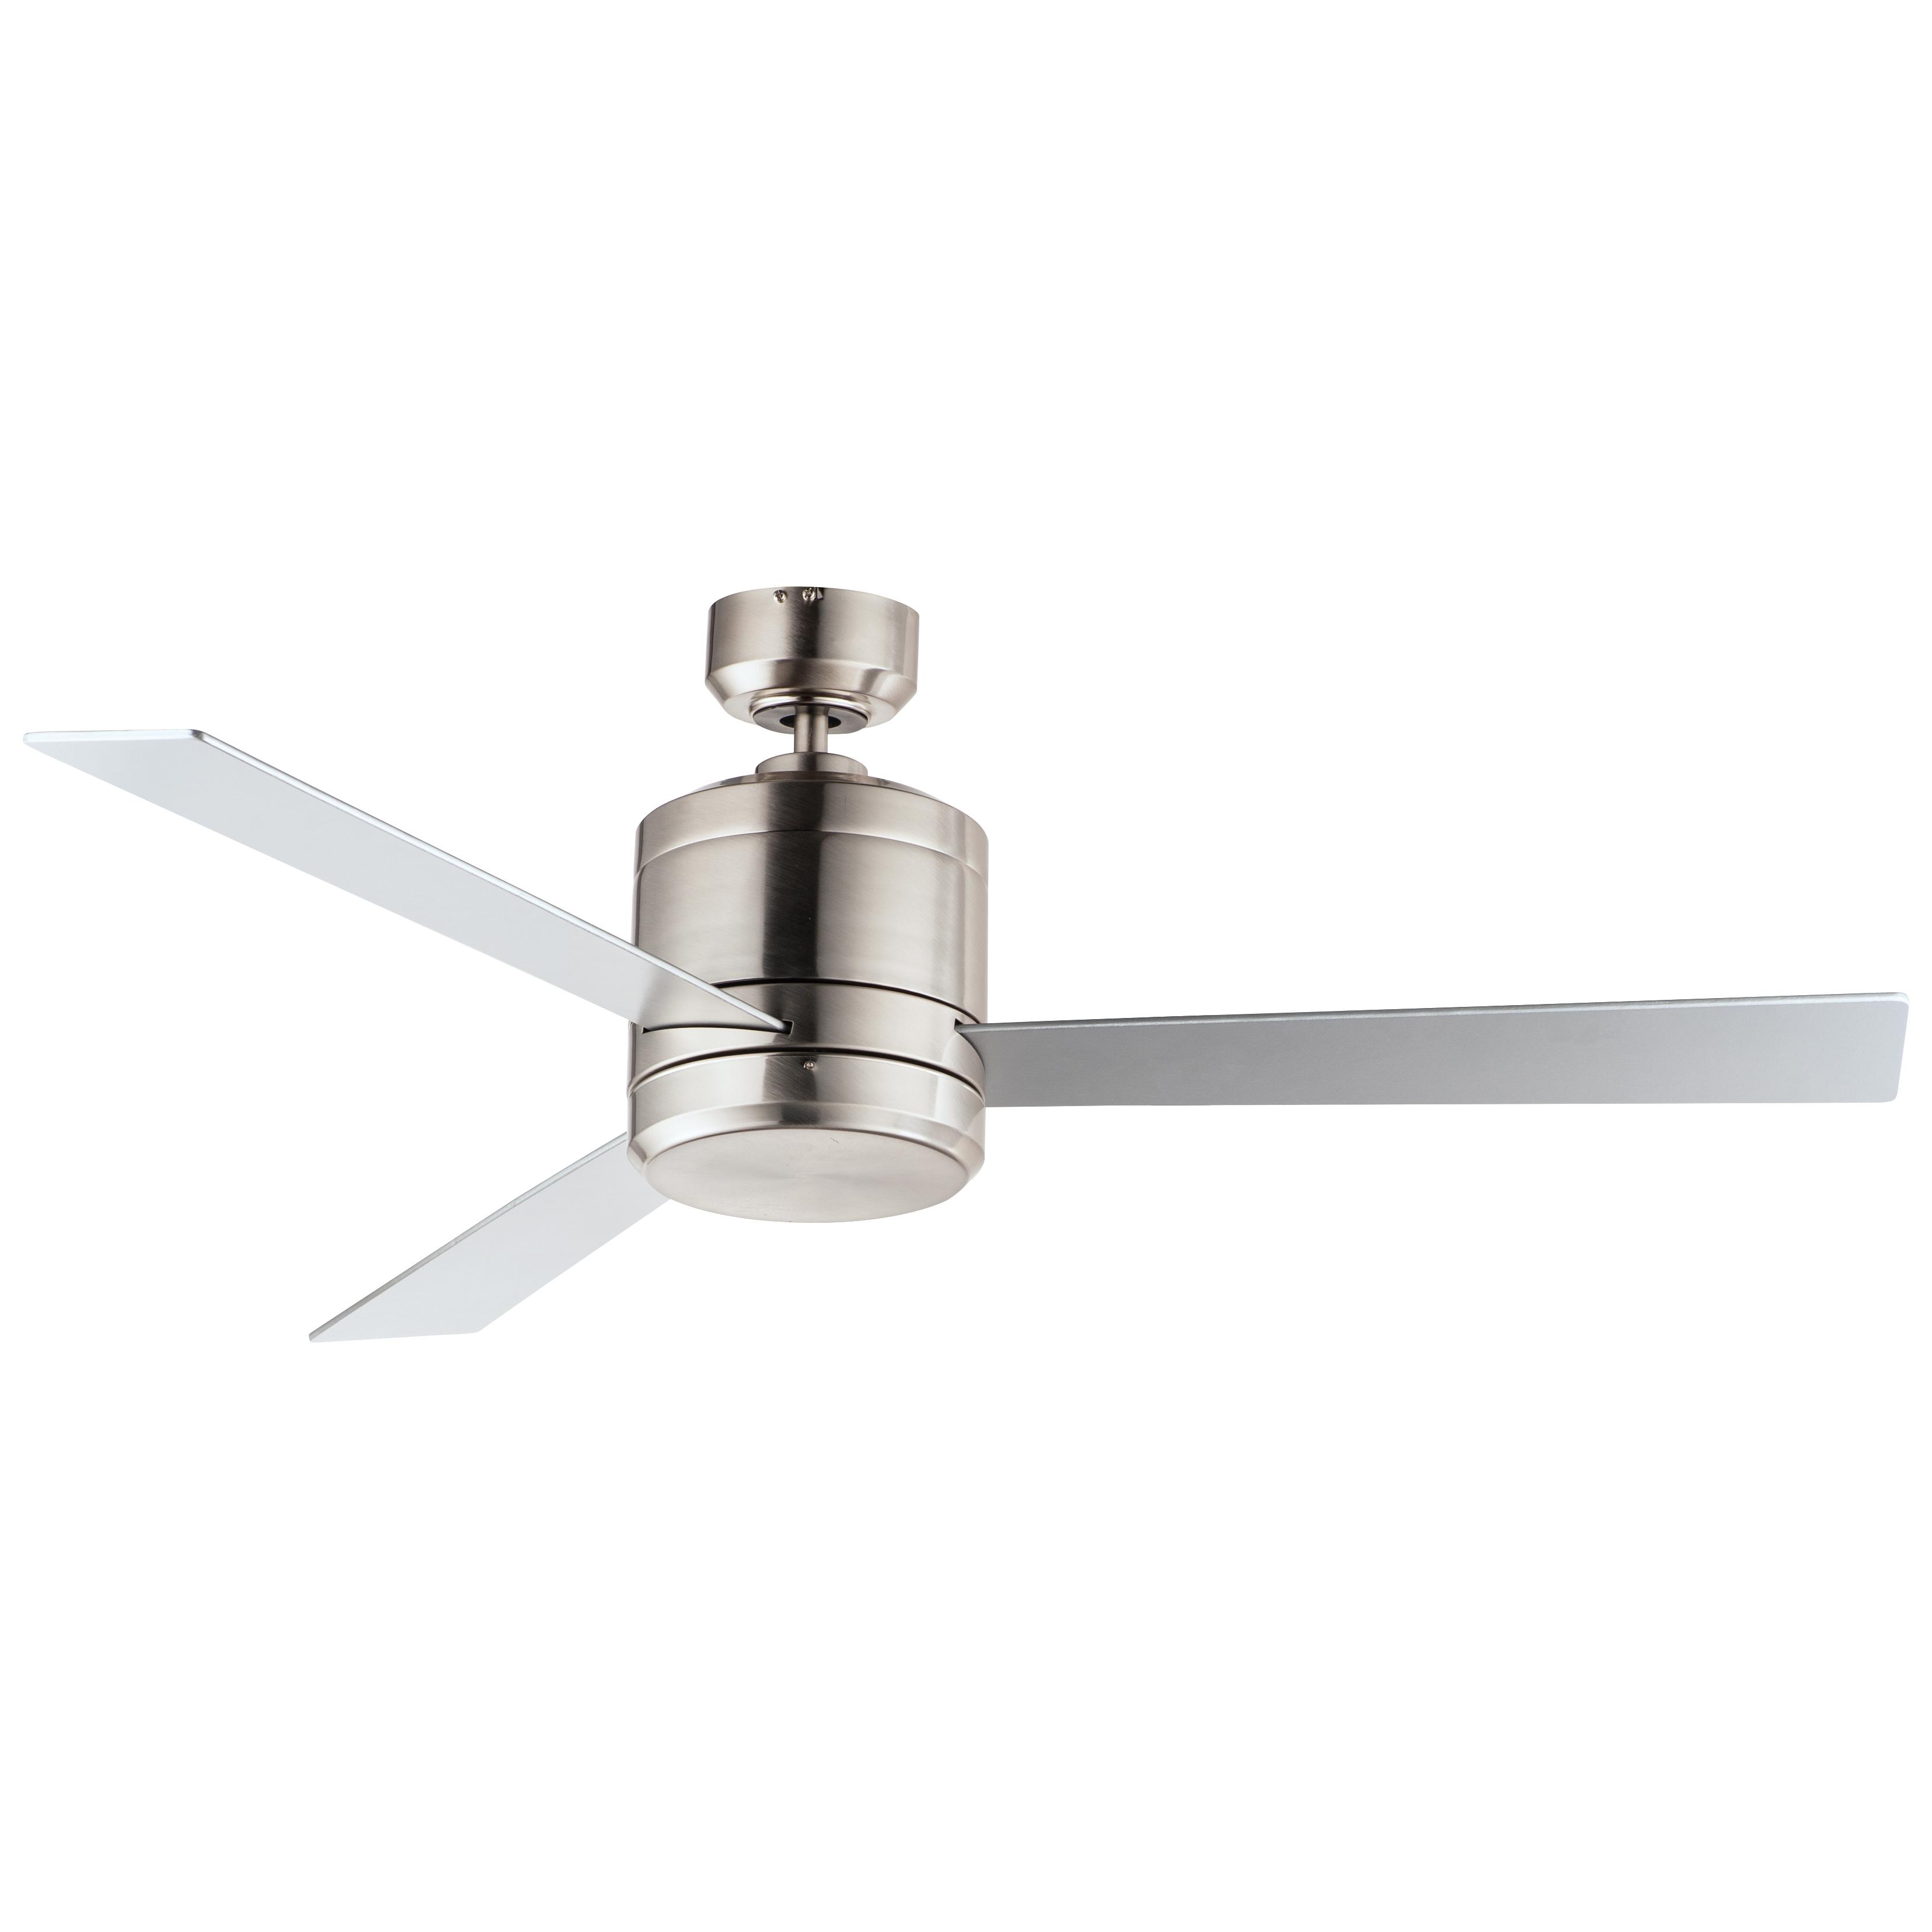 Tanker 52-inch Nickel Outdoor Nickel Fan | Maxim Lighting